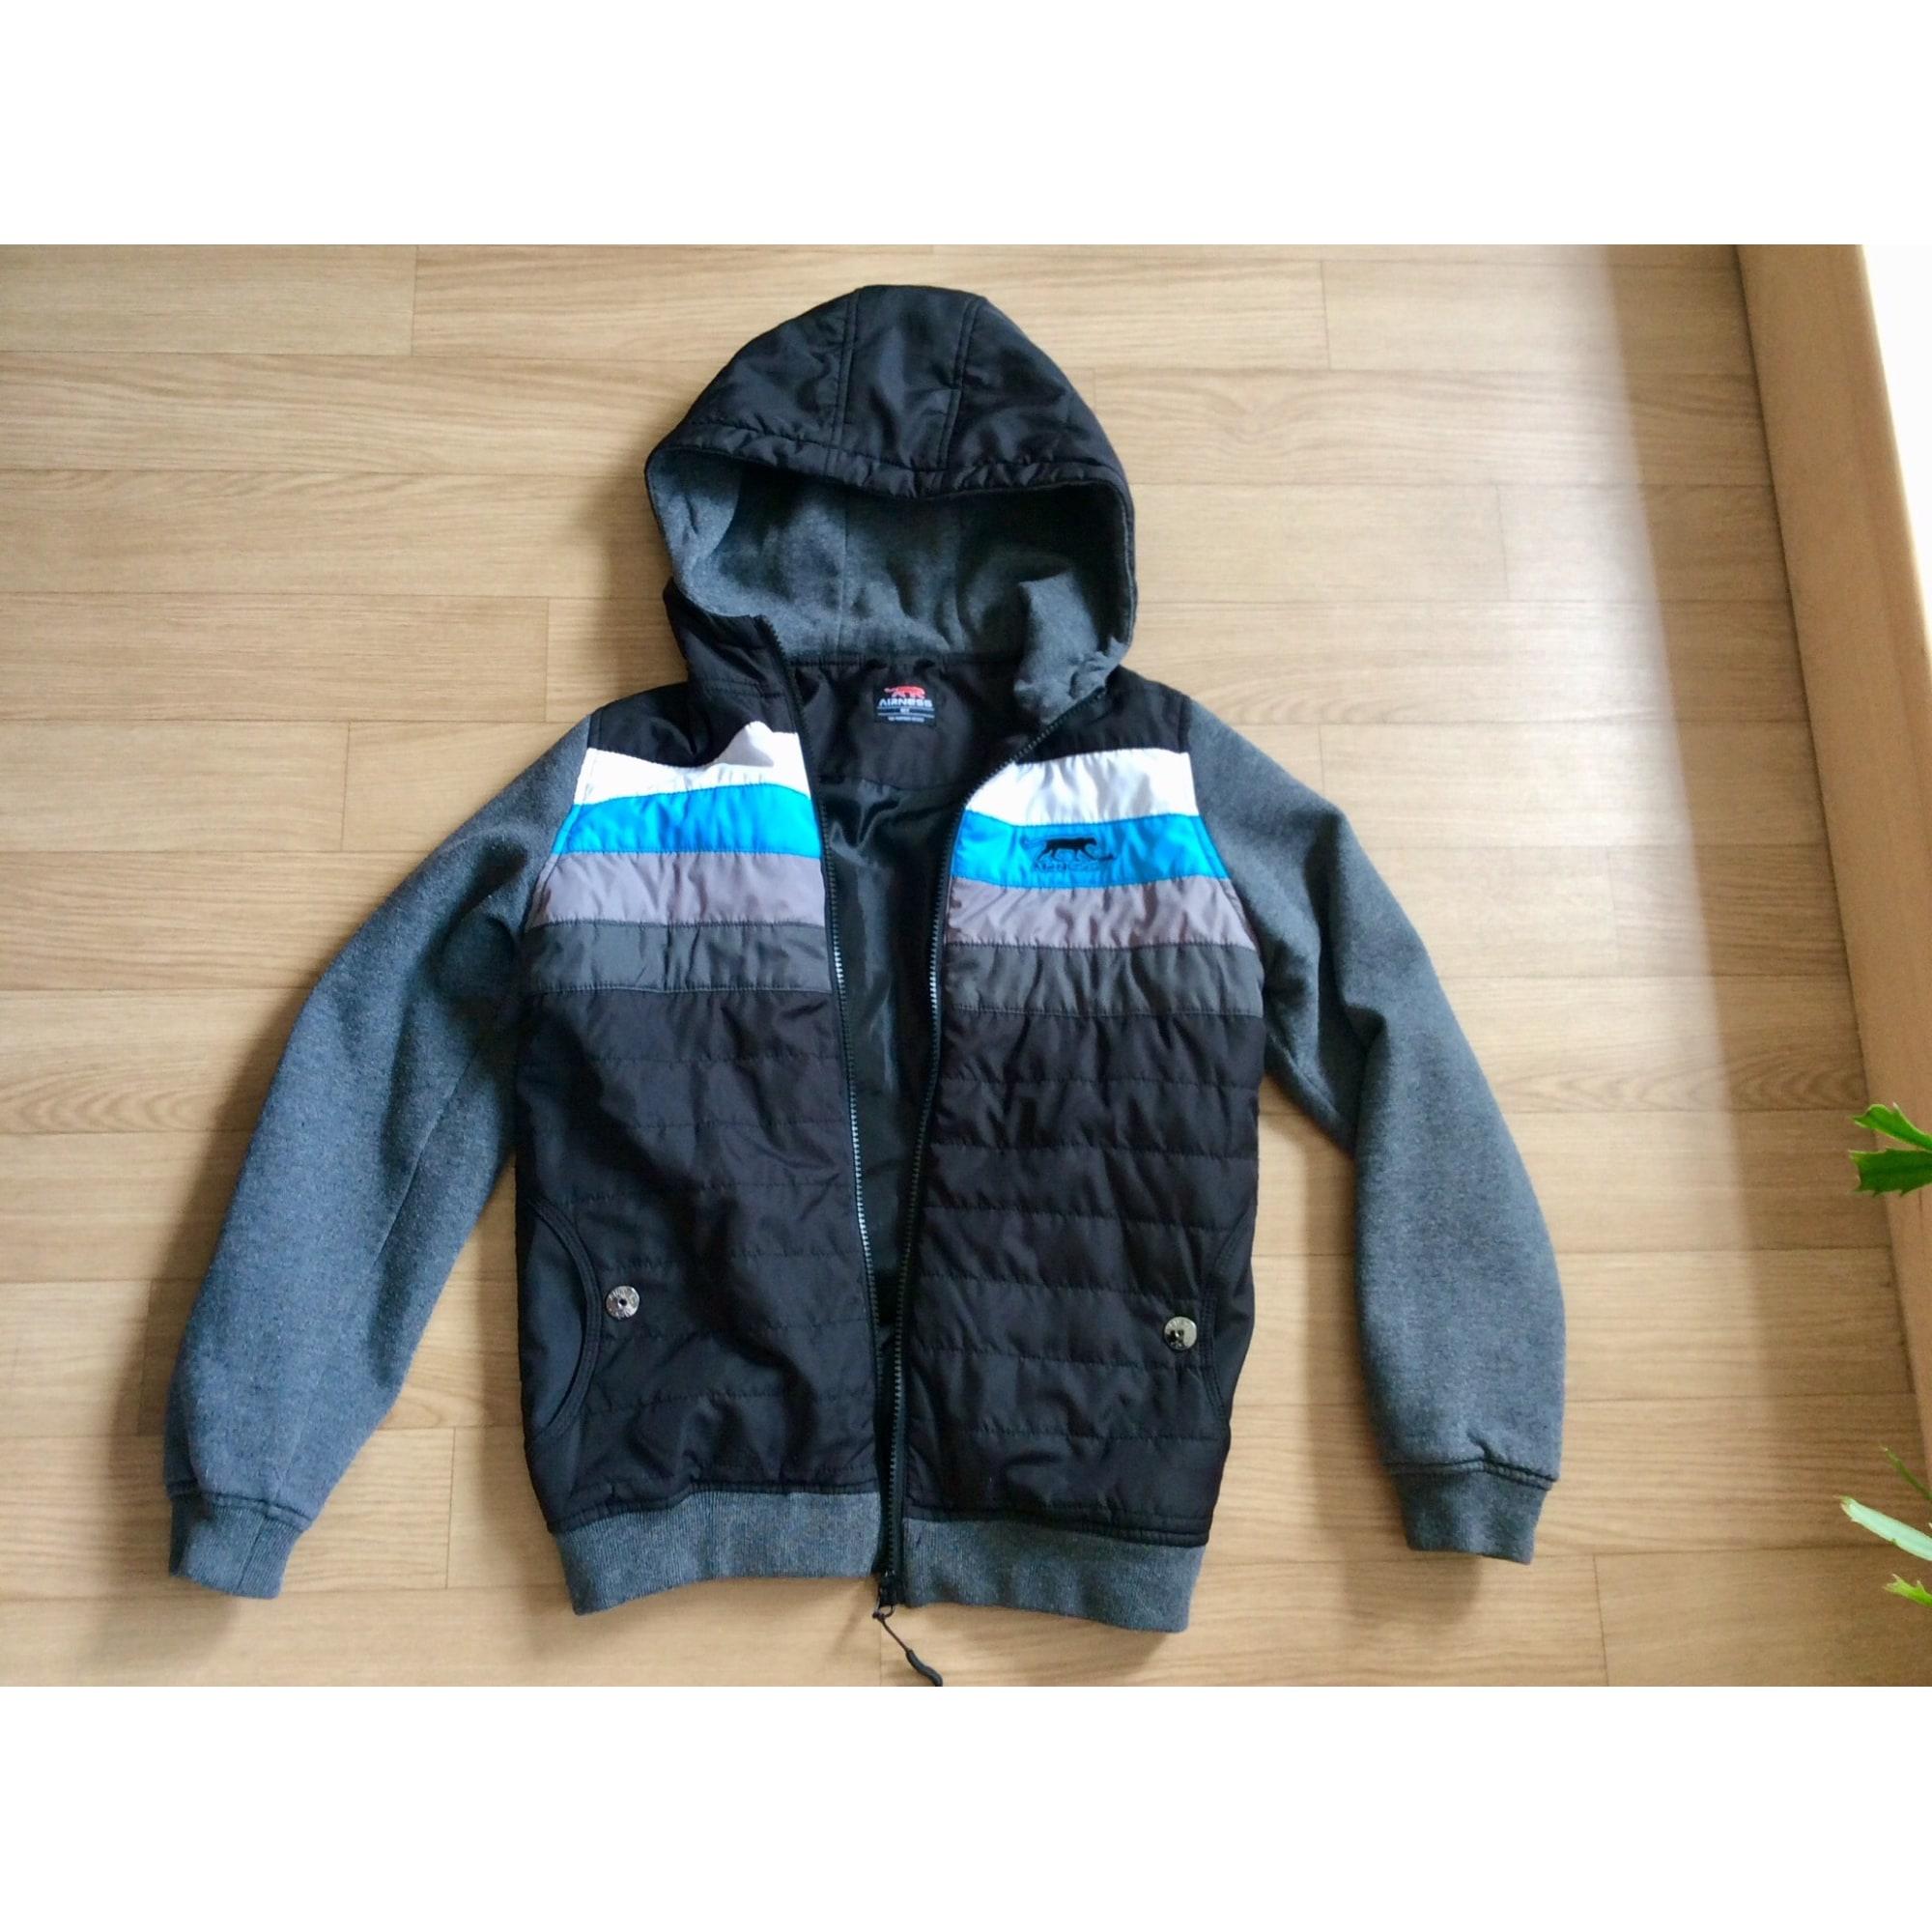 airness veste homme noire et bleu d'automne